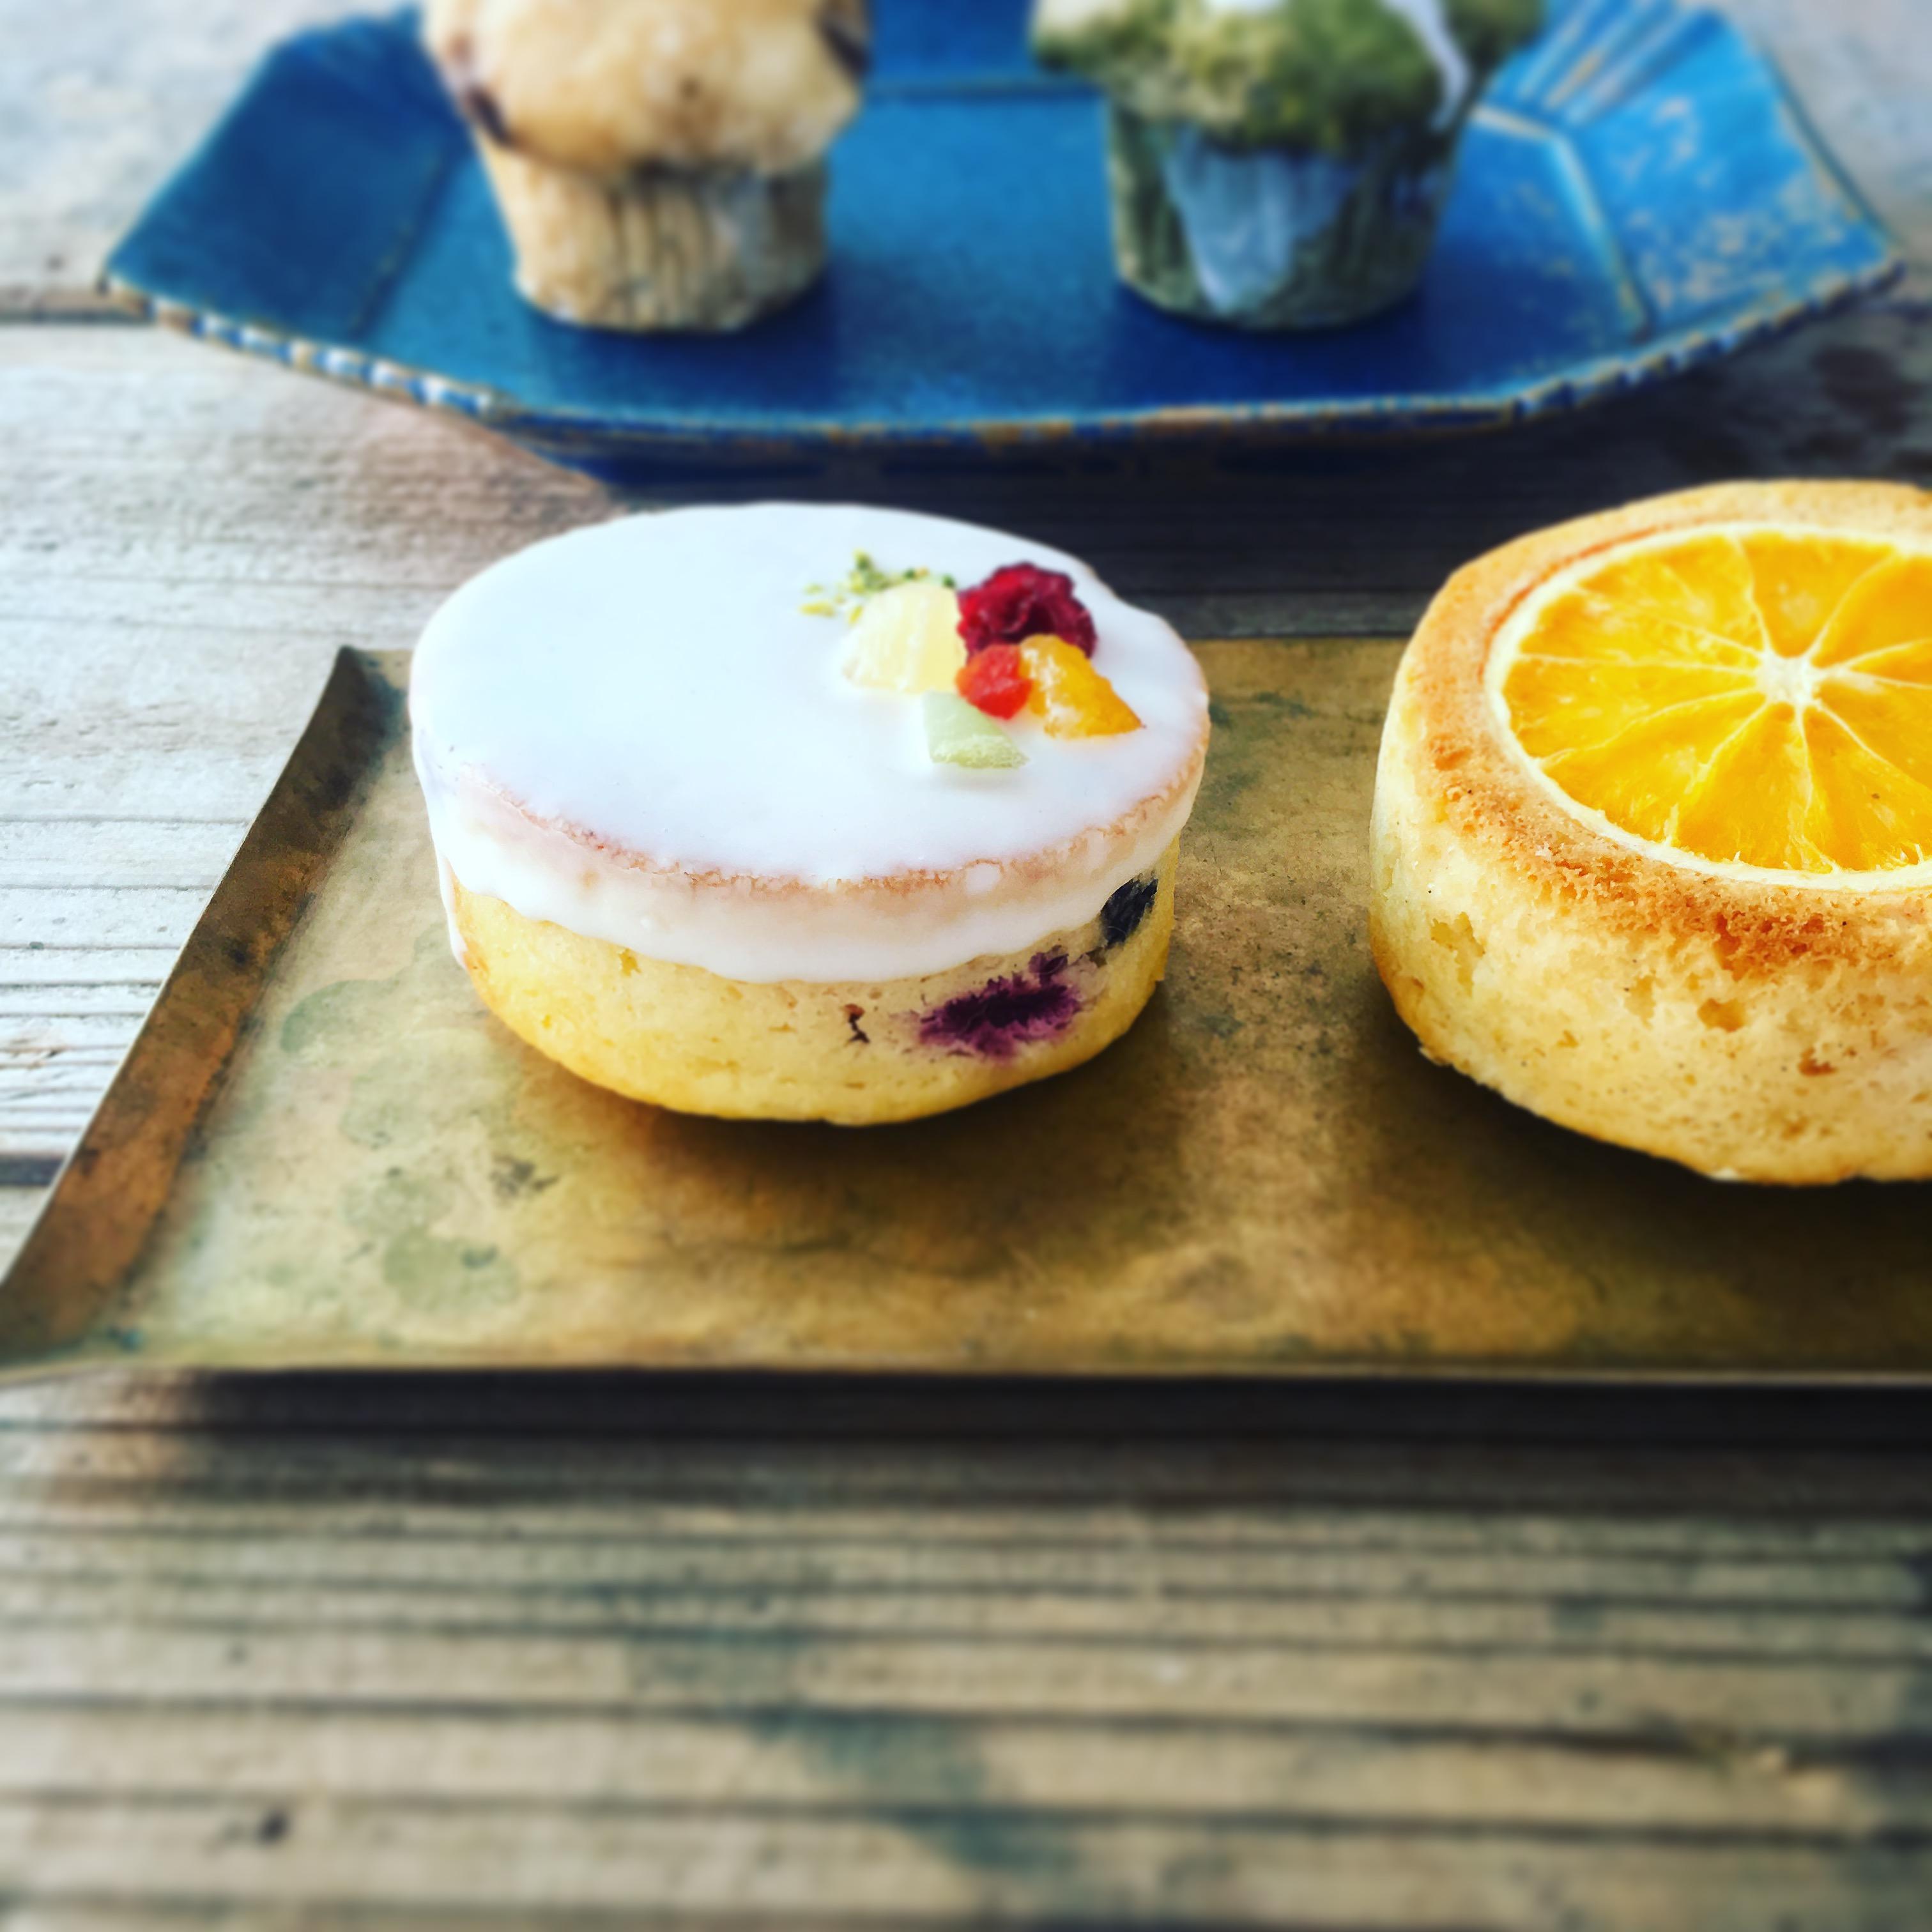 ラズベリー、ブルーベリー、パインなどのたっぷりフルーツとサワークリームを入れた『サワークリームフルーツケーキ』